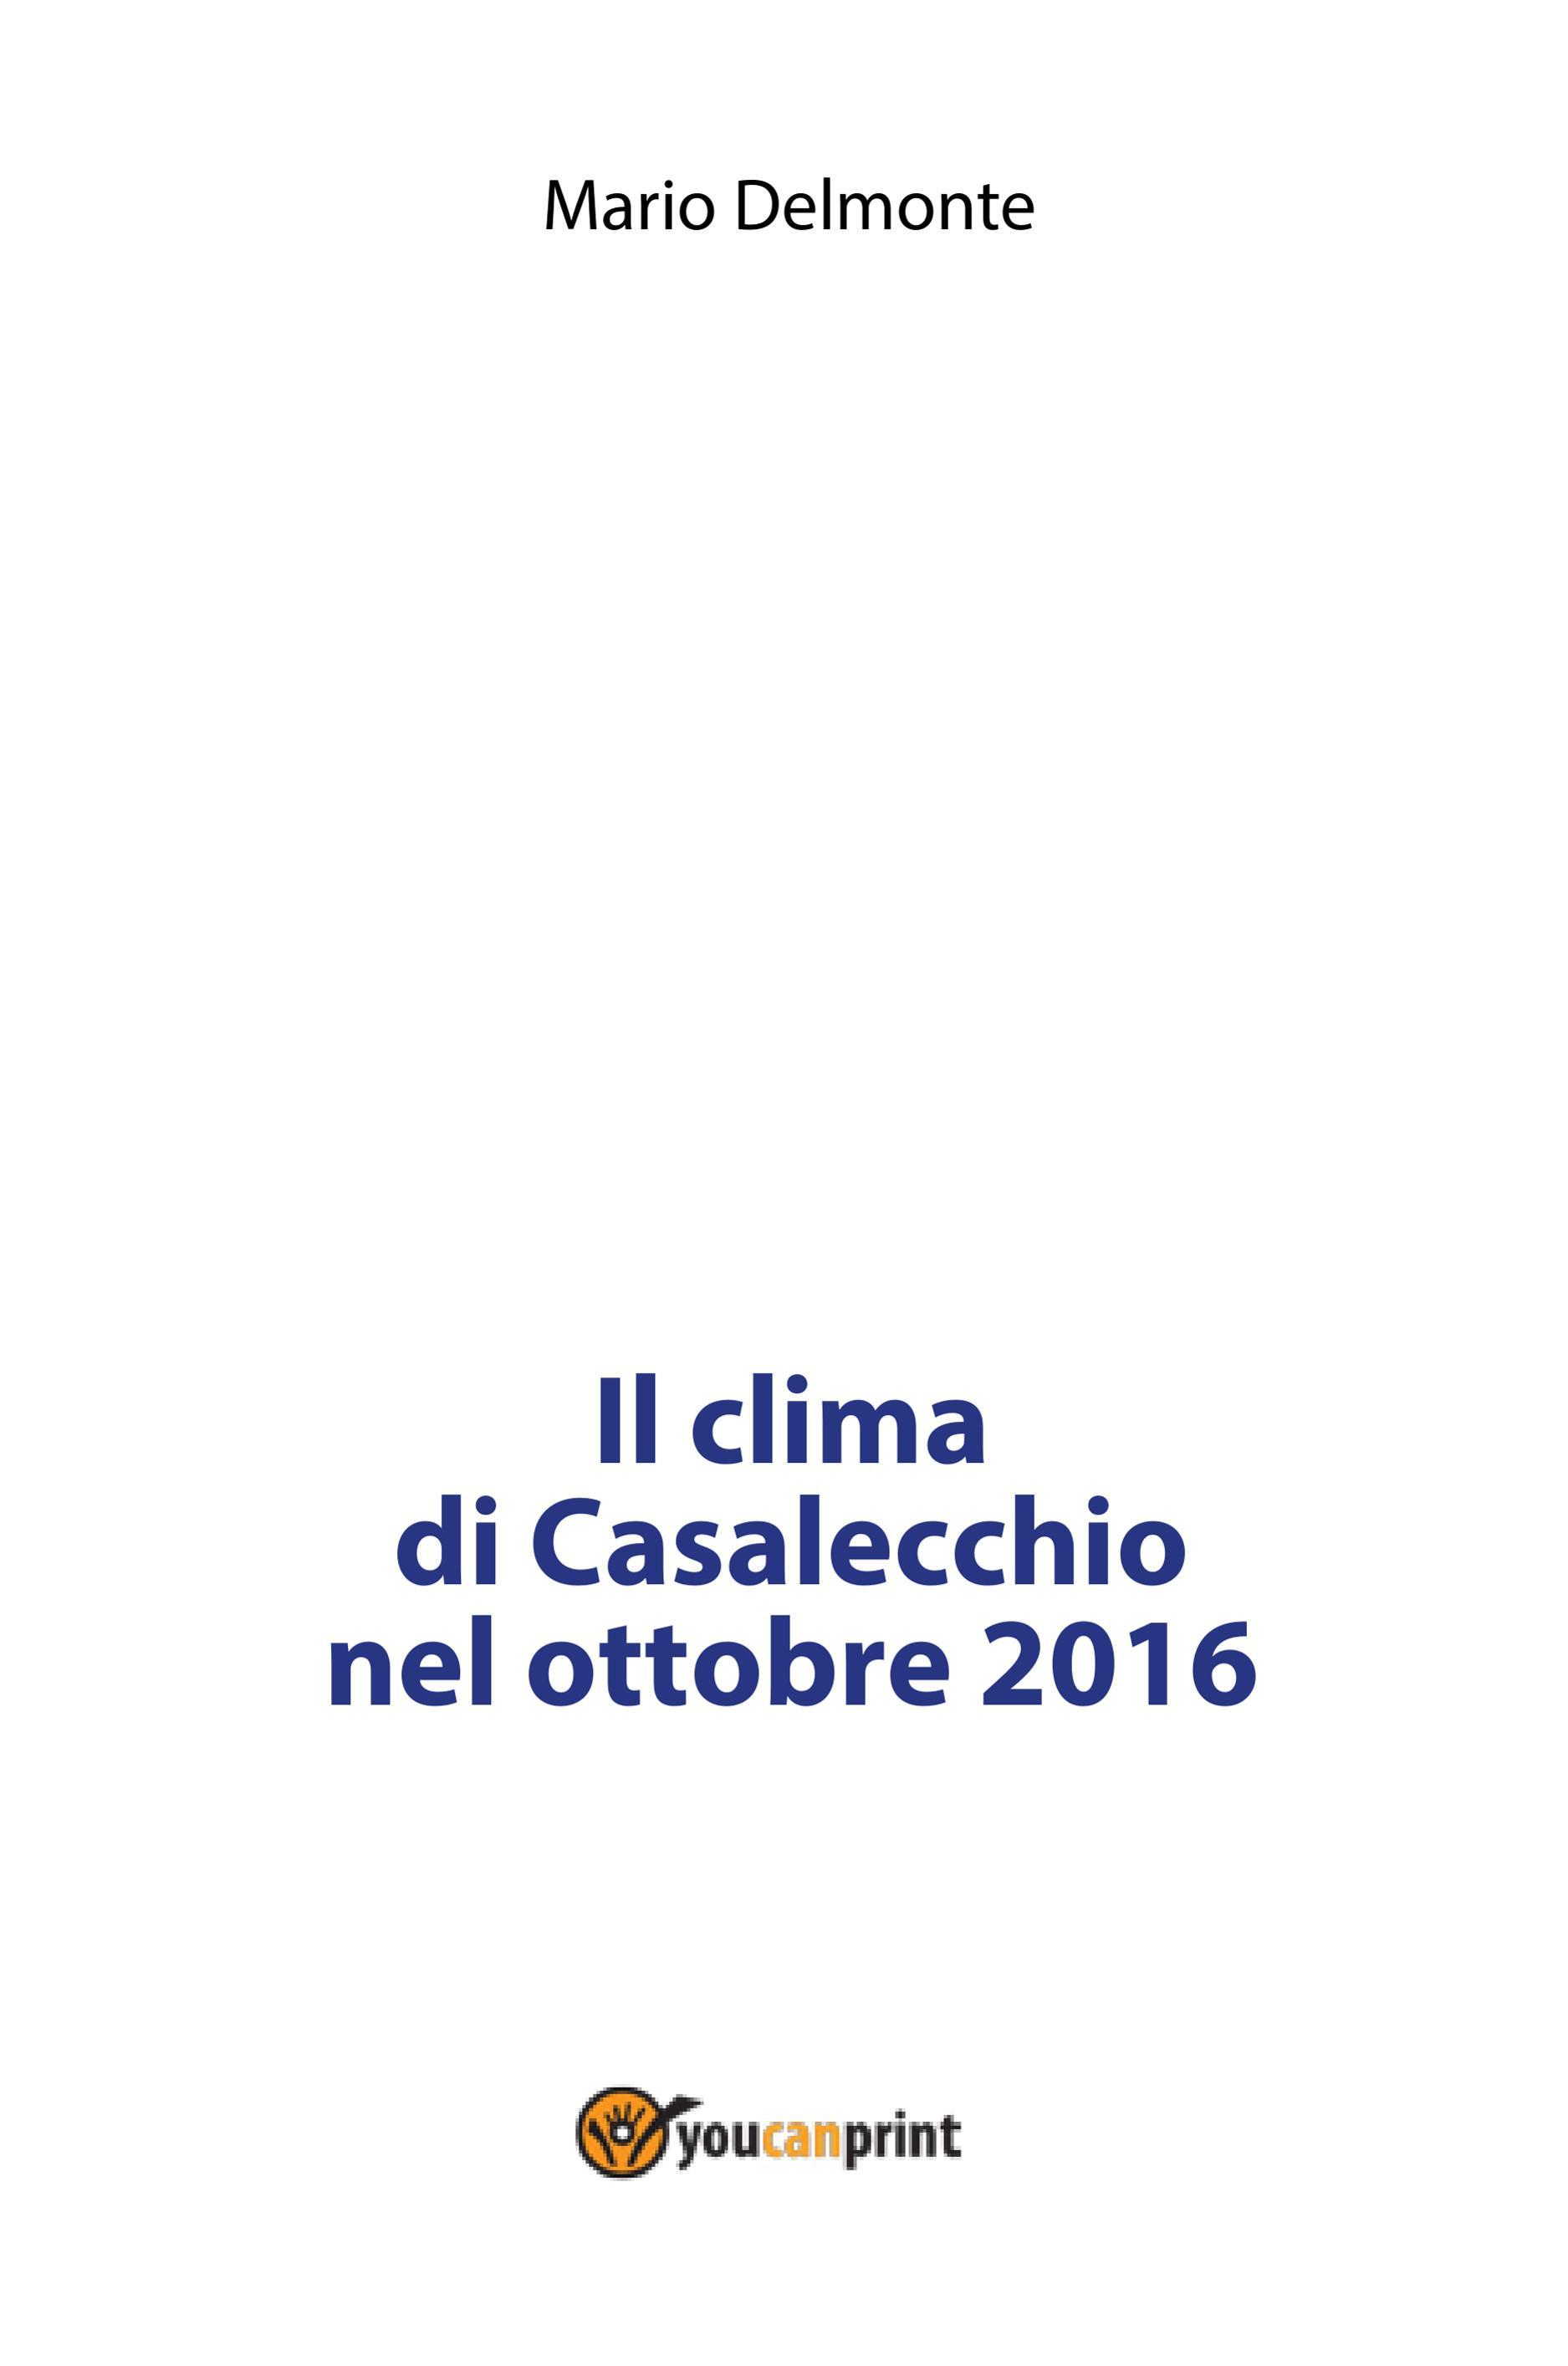 Il clima di Casalecchio nell'ottobre 2016